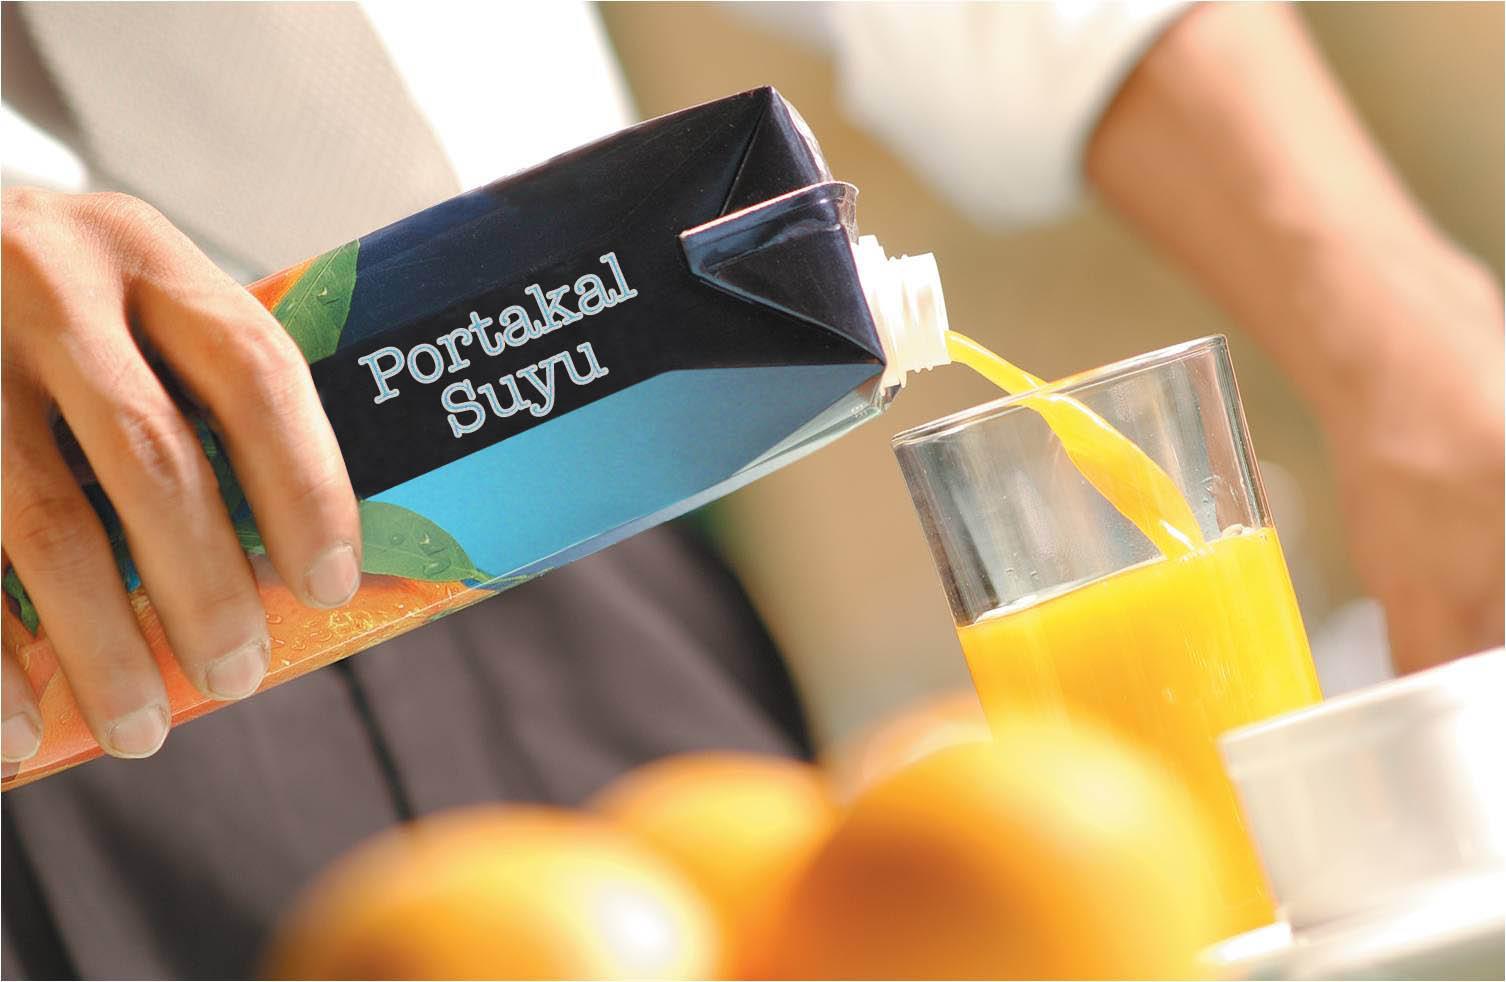 Hastalıklardan korunmak için portakal suyu tüketin